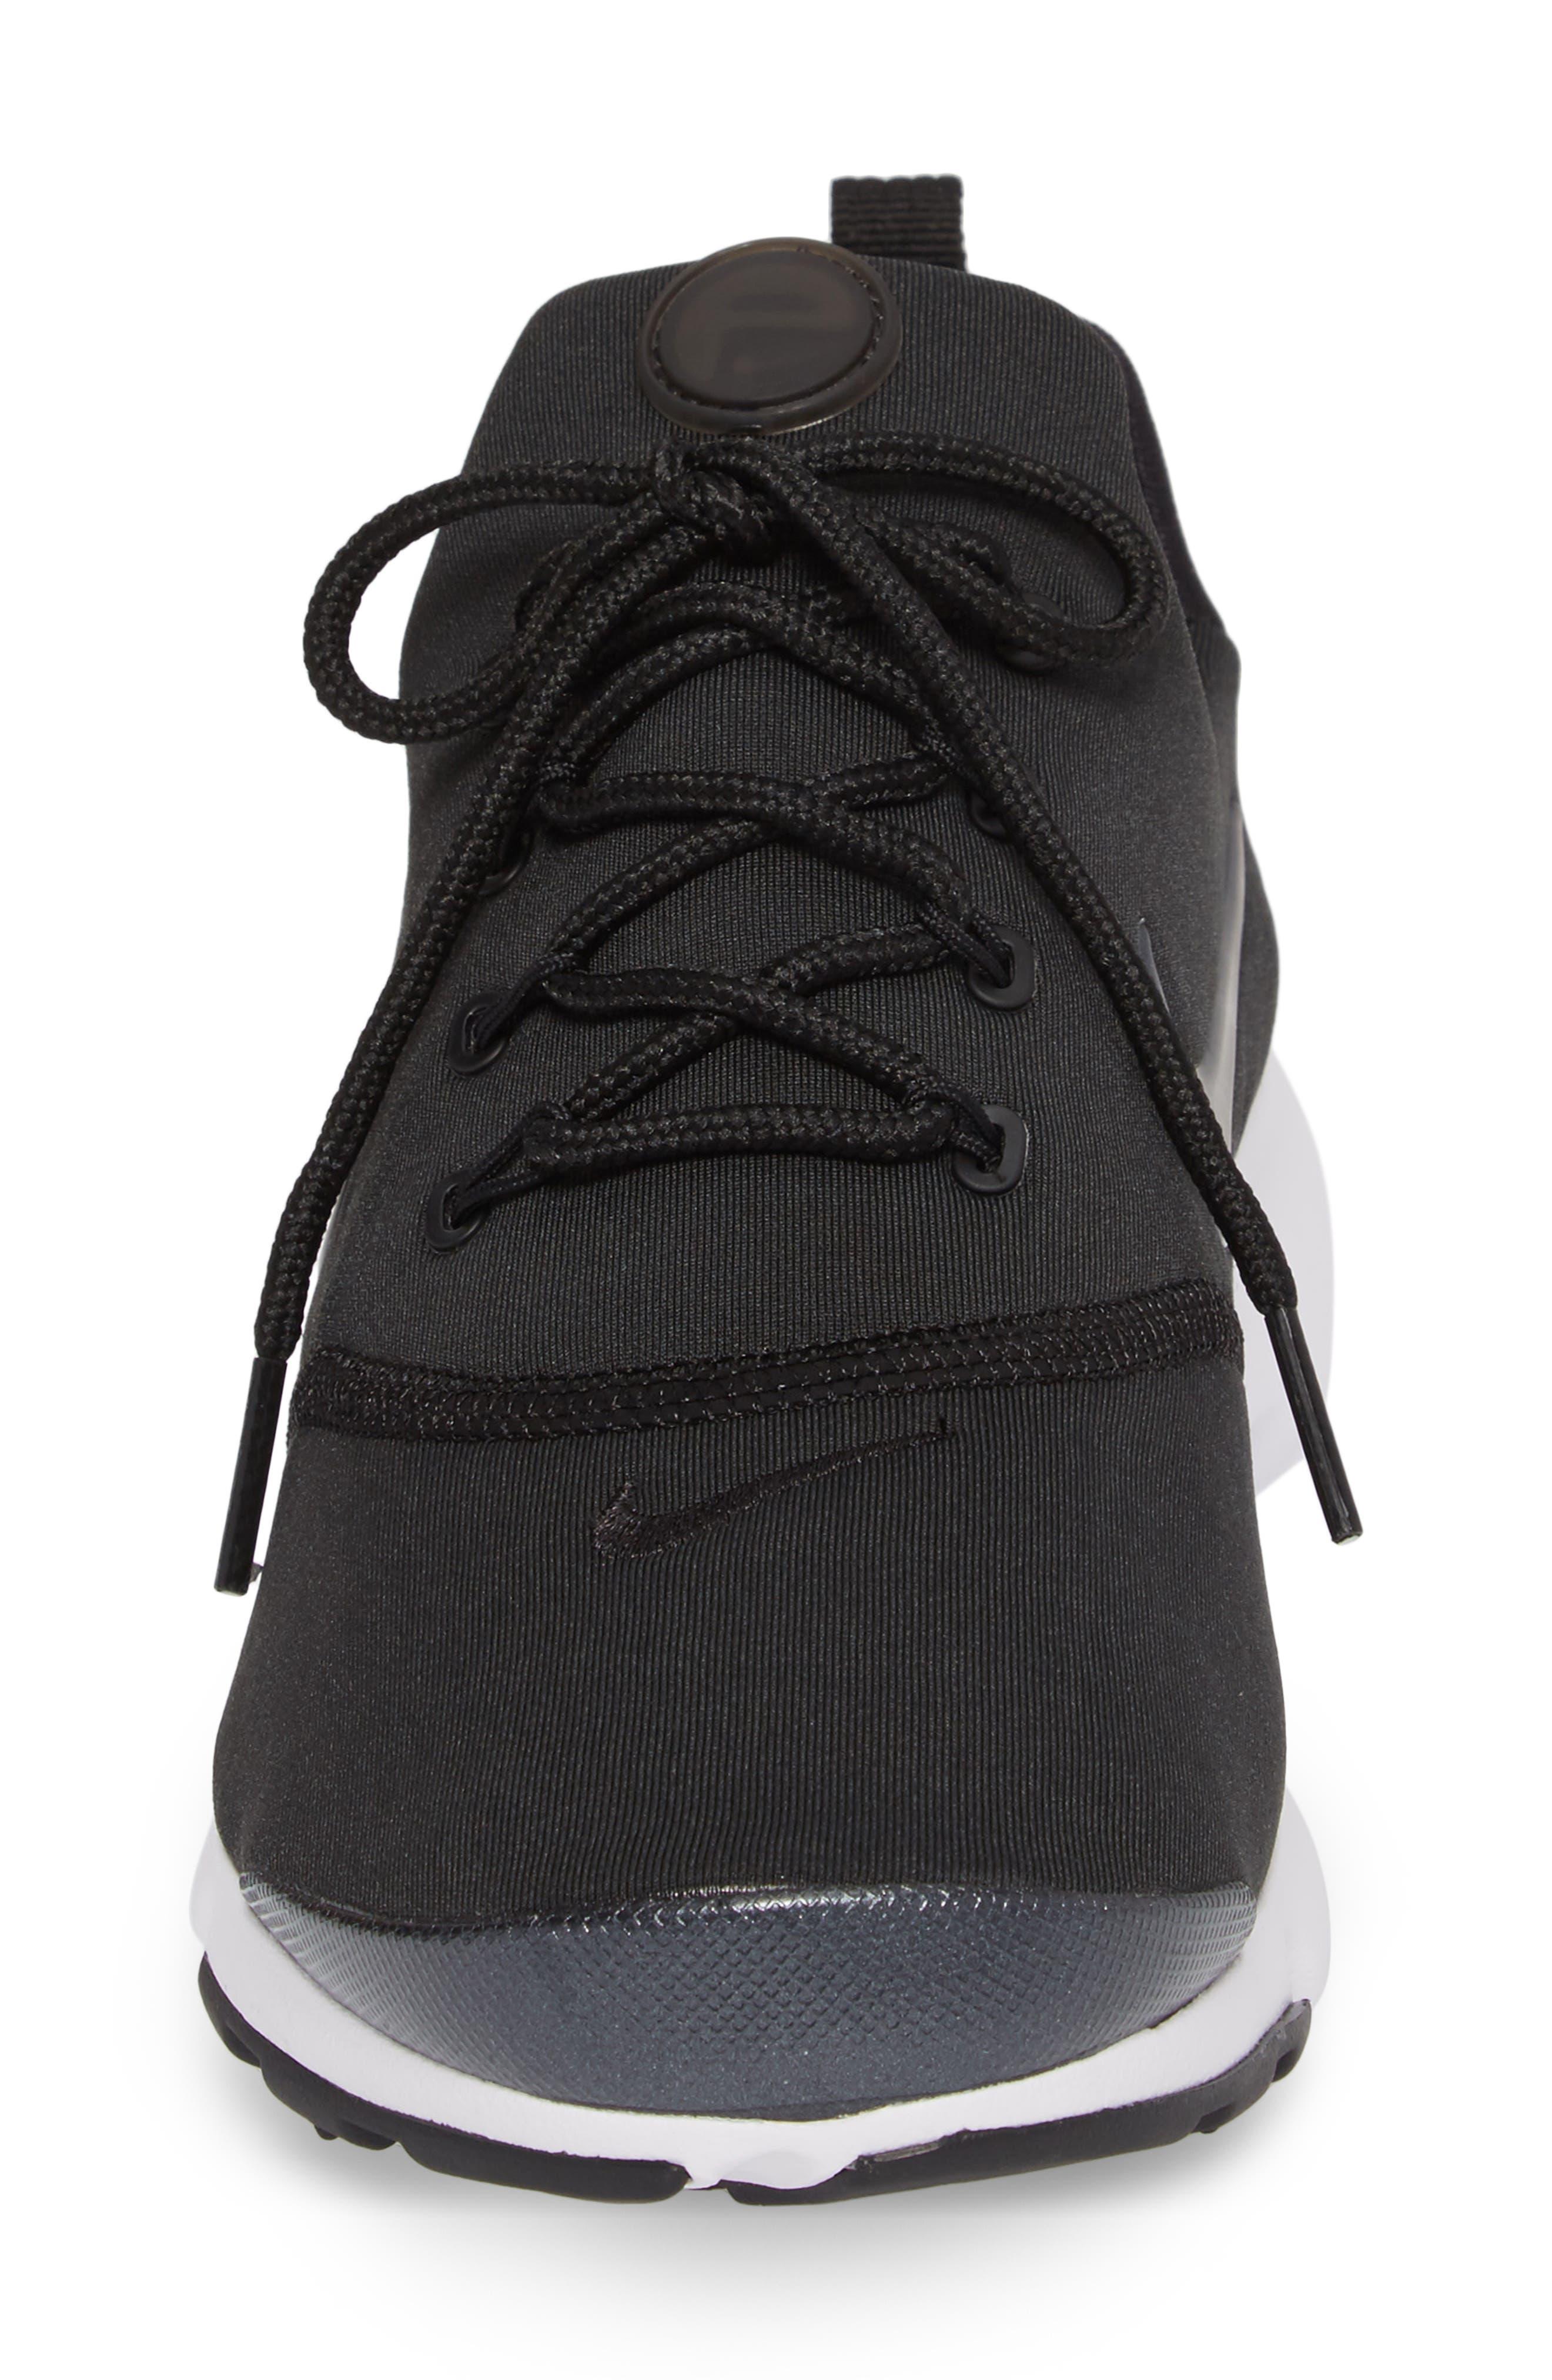 Presto Ultra SE Sneaker,                             Alternate thumbnail 4, color,                             003